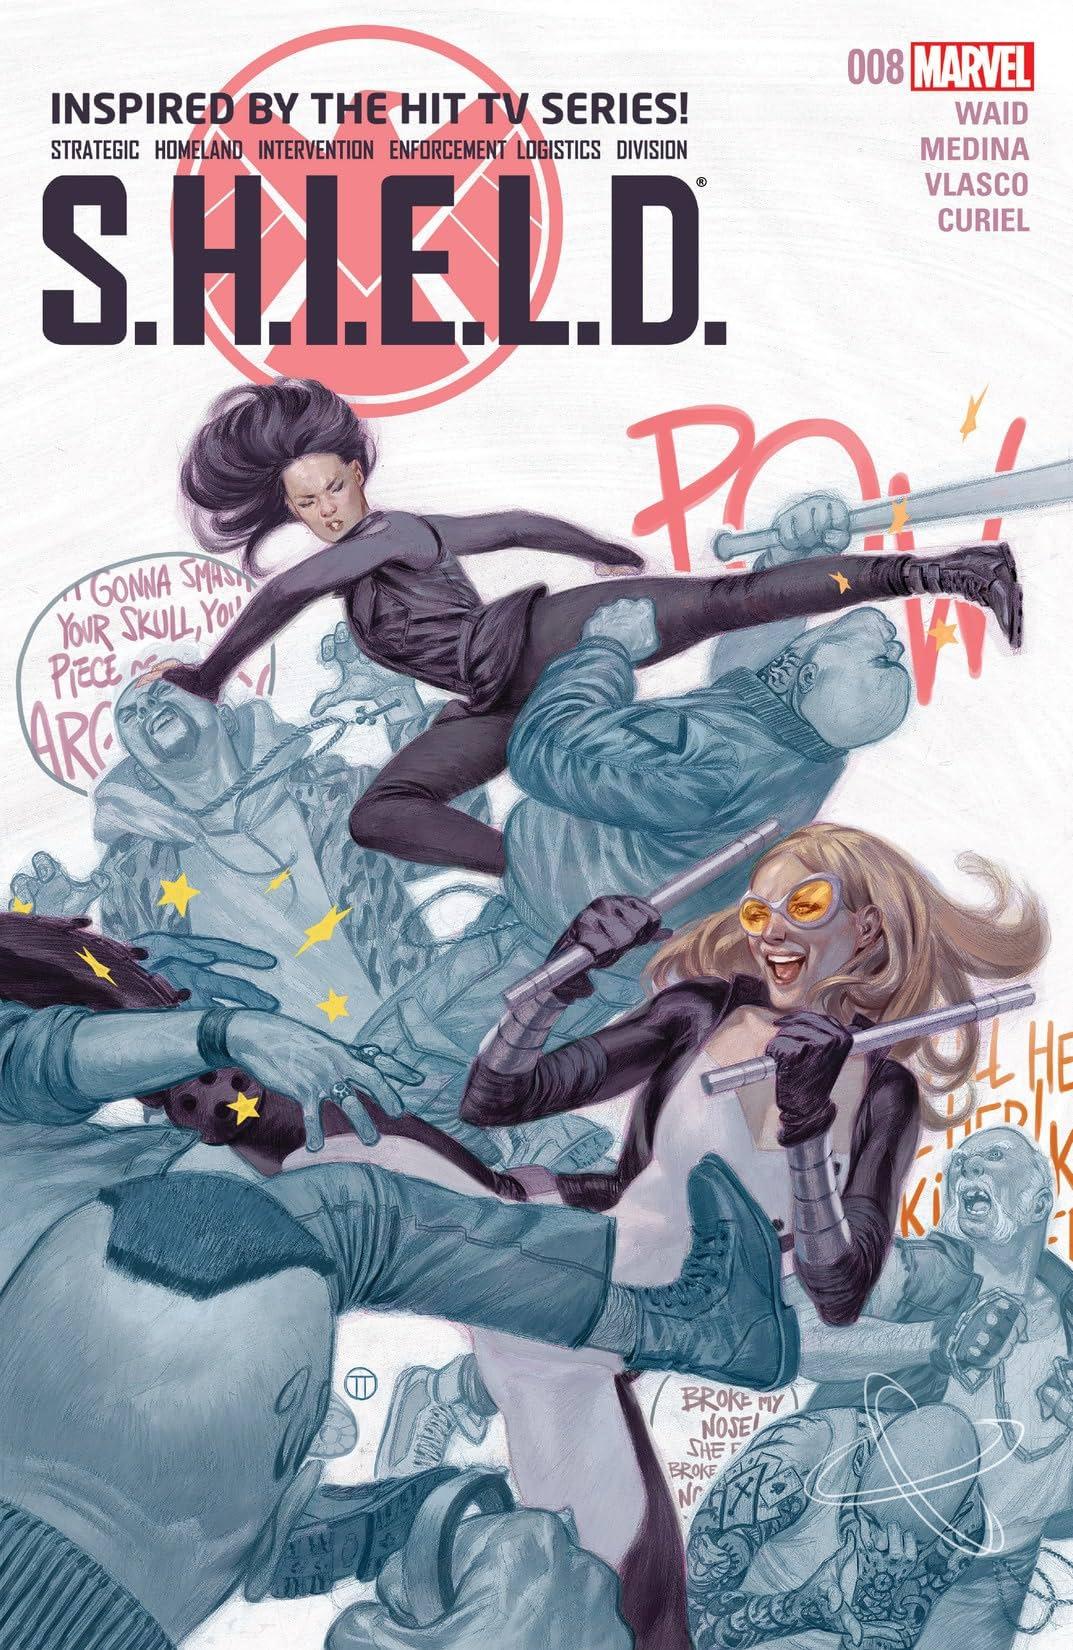 S.H.I.E.L.D. (2014-2015) #8